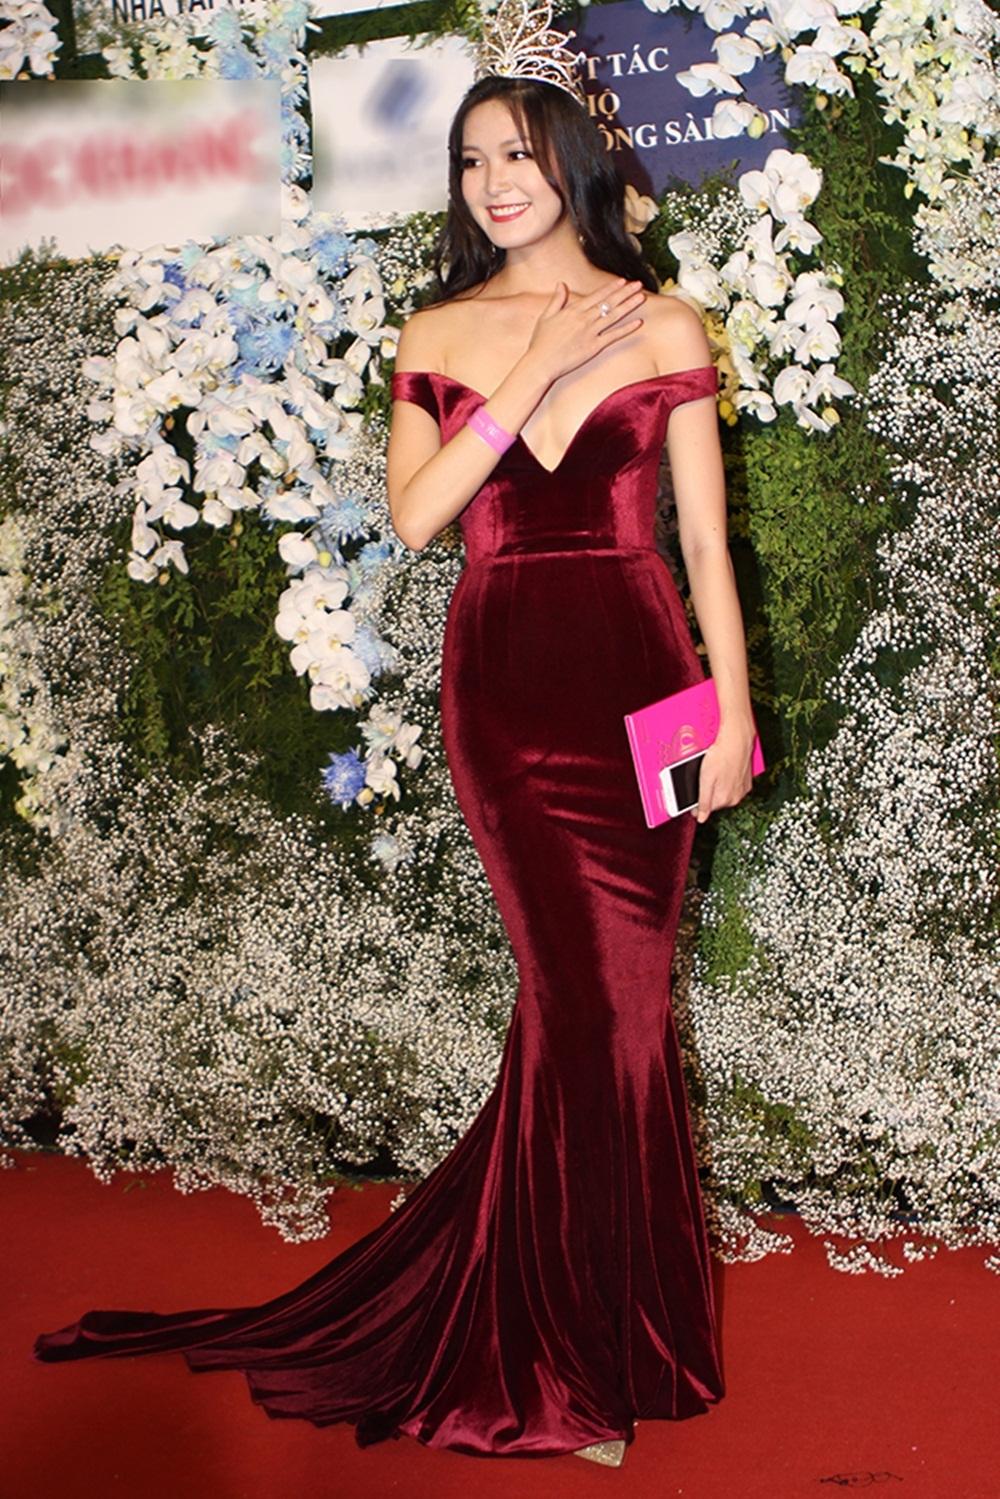 Hoa hậu Thùy Dung với nhan sắc ngày càng hoàn thiện. (Ảnh: Minh Thái).